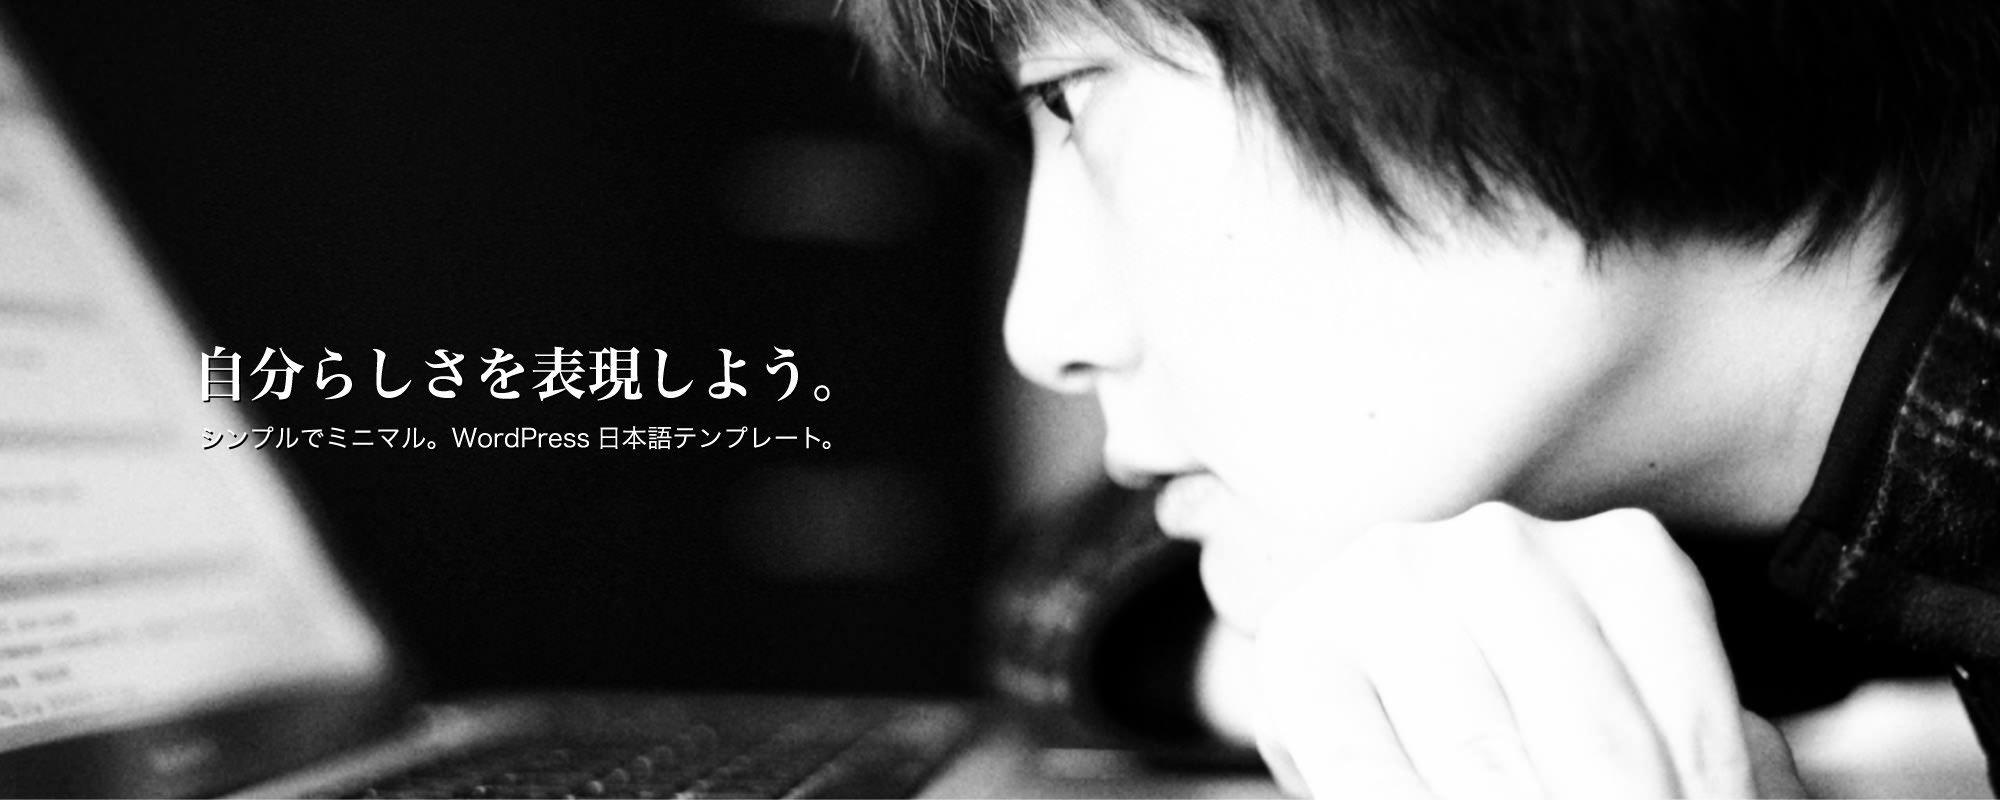 ワードプレステンプレート Minimal WP | WordPress日本語テーマでシンプルホームページを簡単作成